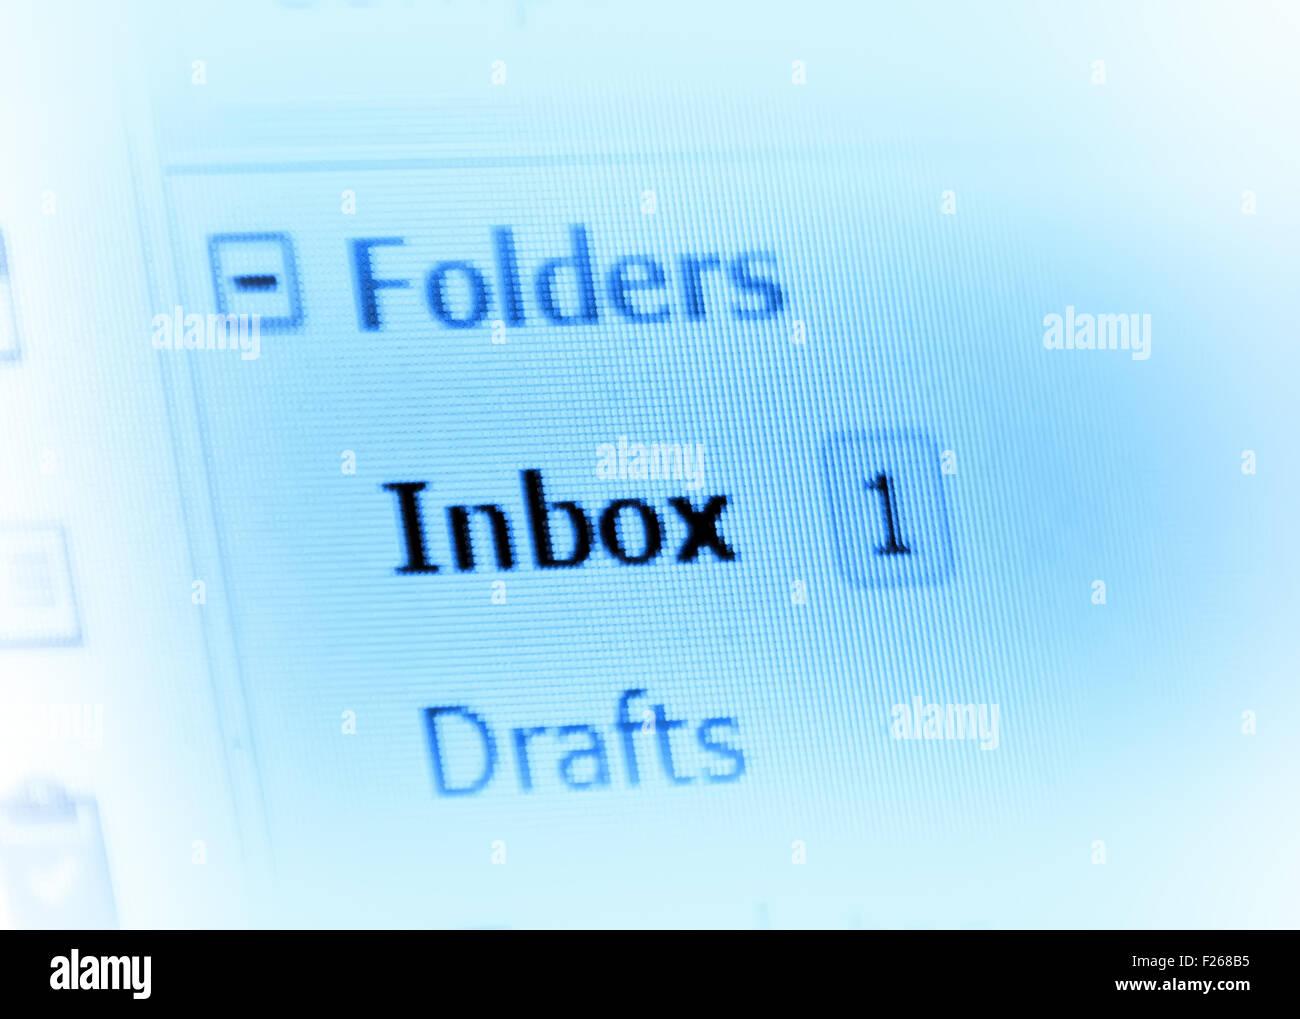 Bandeja de entrada de correo electrónico en la pantalla del monitor Imagen De Stock